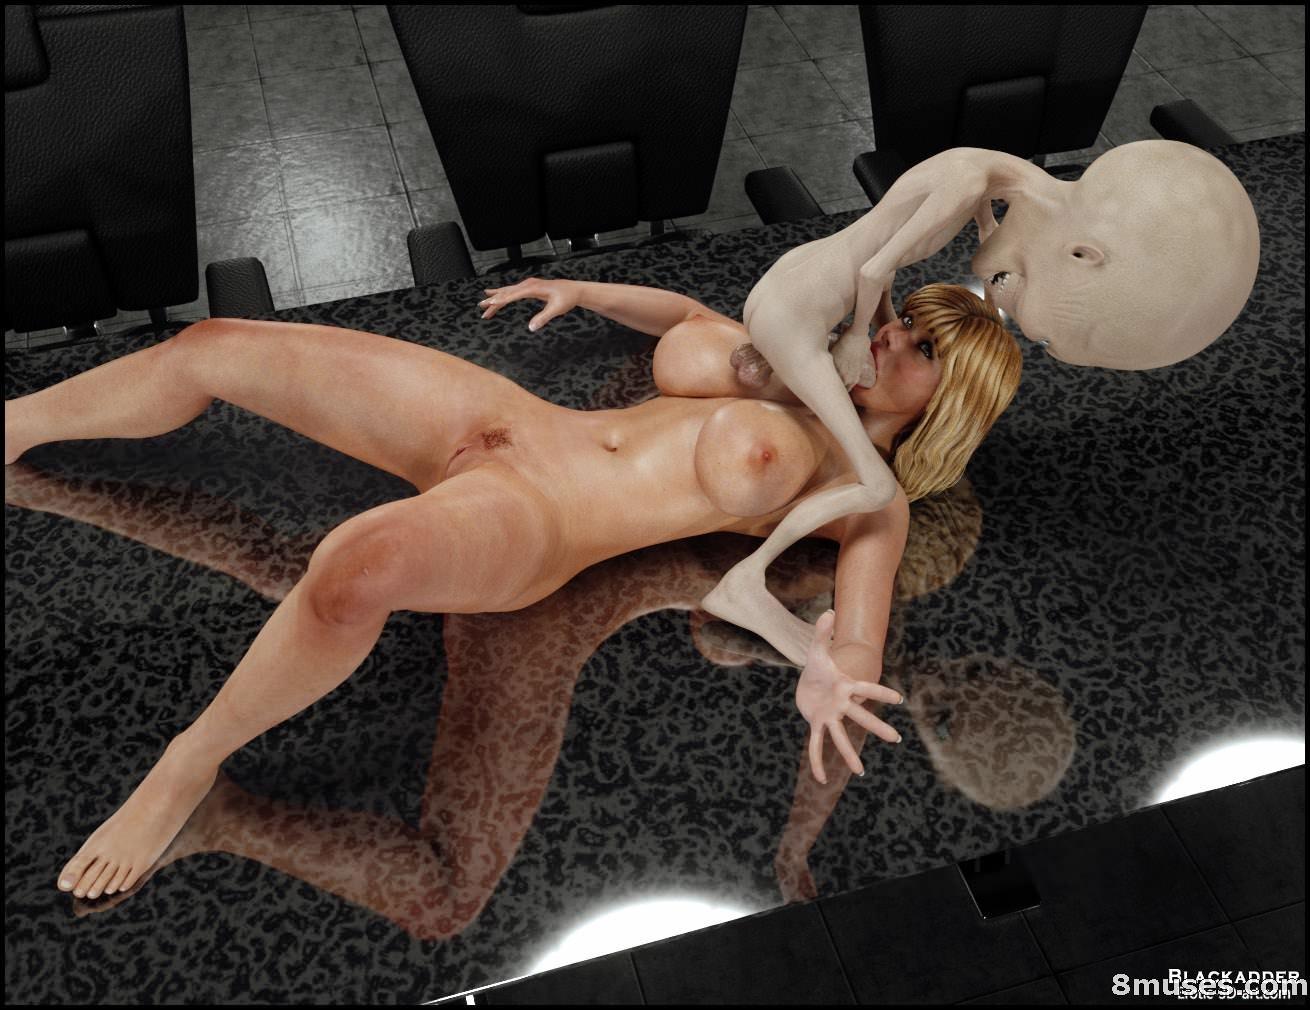 Ben Ten Alien Porn Pertaining To Showing Porn Images For Ben Ten Alien Comic Porn